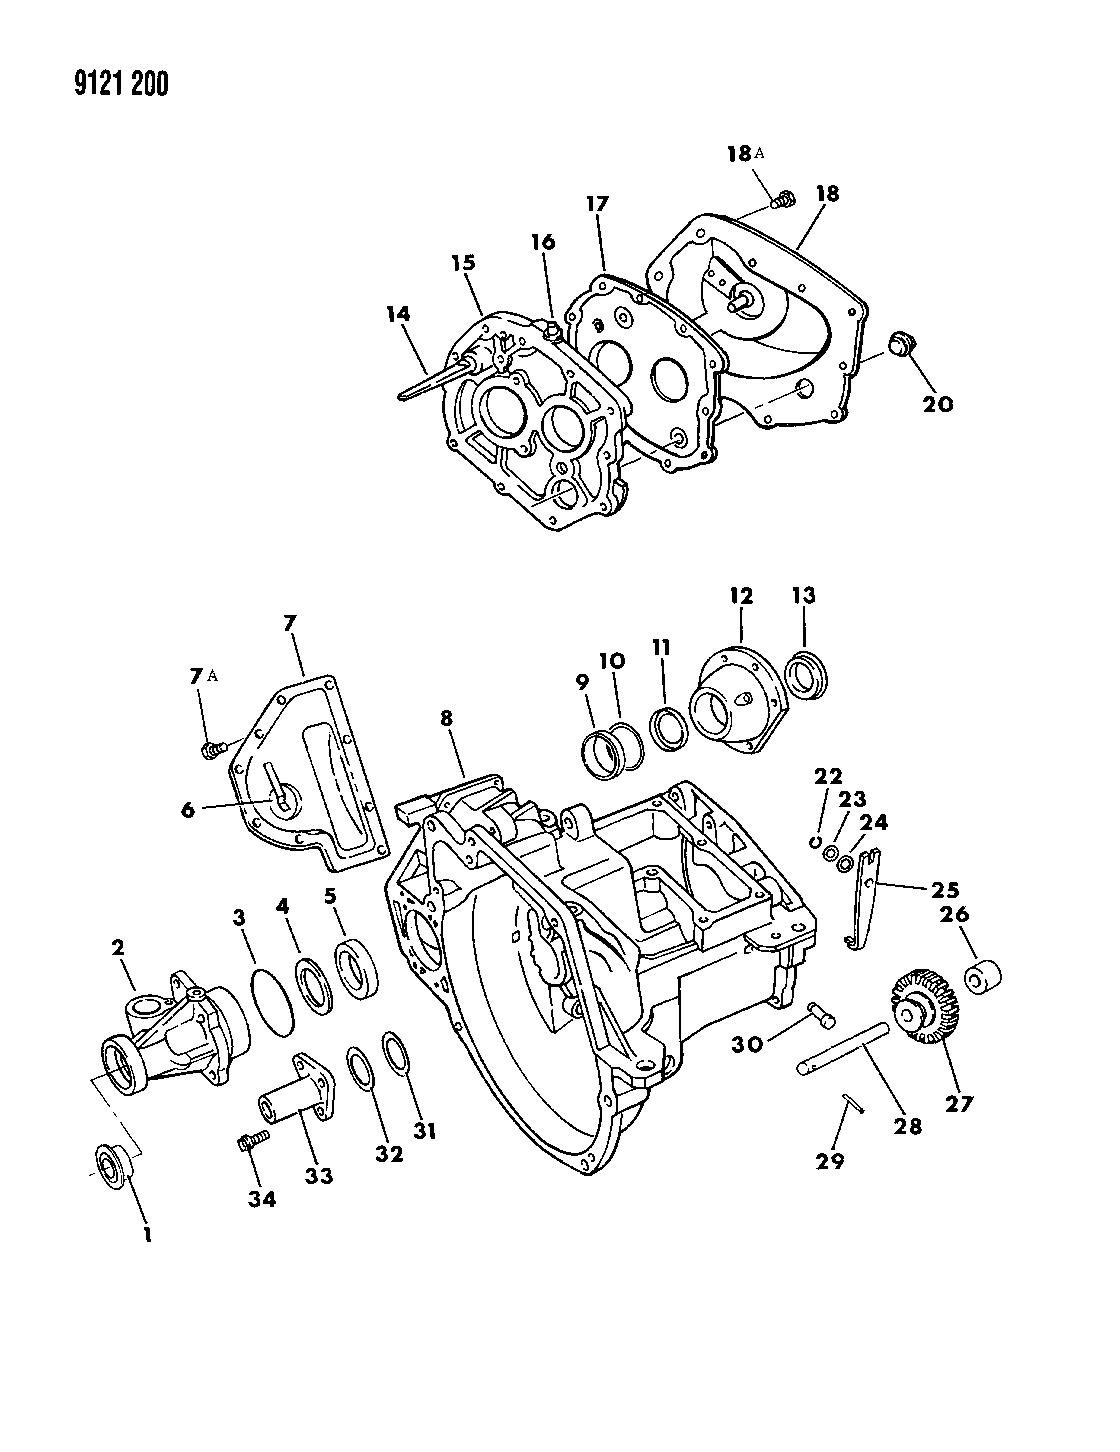 1989 Dodge Daytona Case, Transaxle & Related Parts